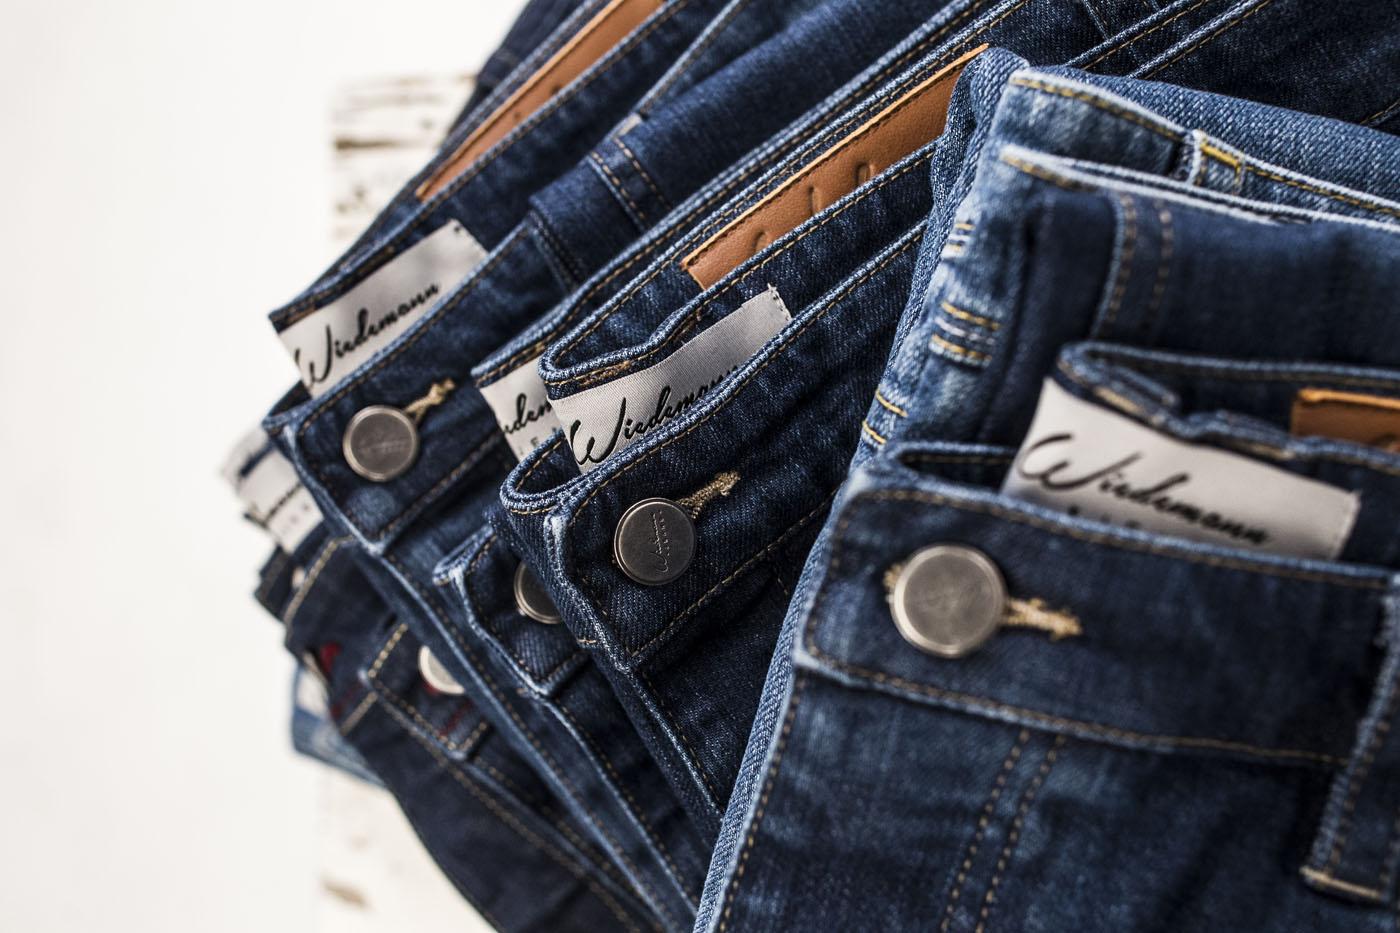 wiedemann-jeans-tallmen-00001